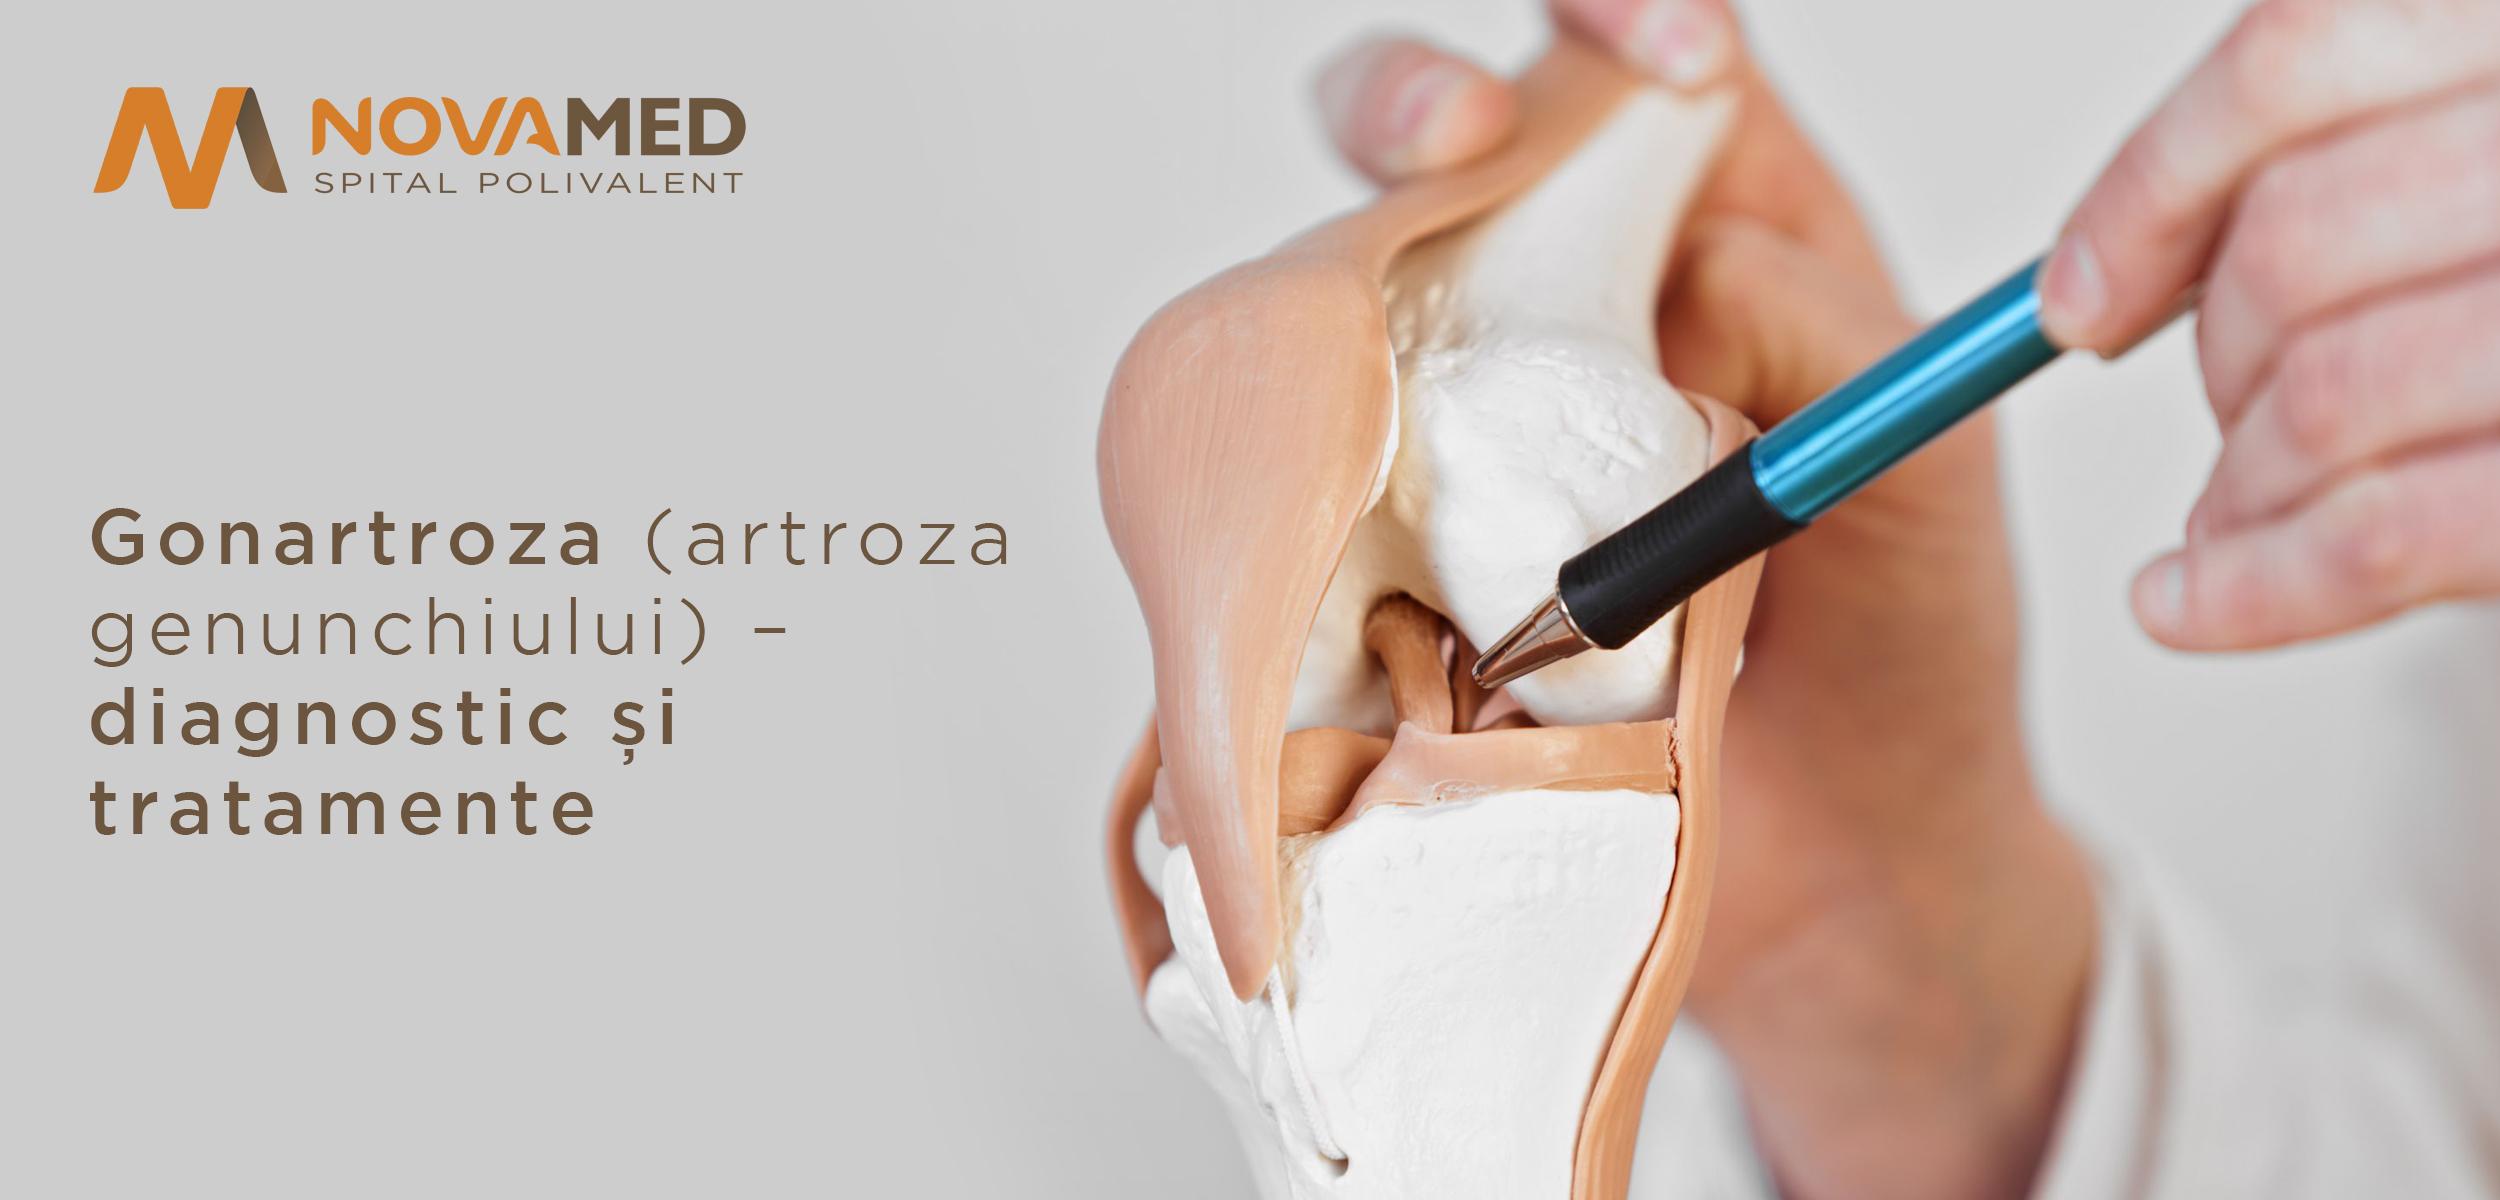 durere în articulațiile degetelor decât pentru a trata artra pregătire pentru rosturi Preț